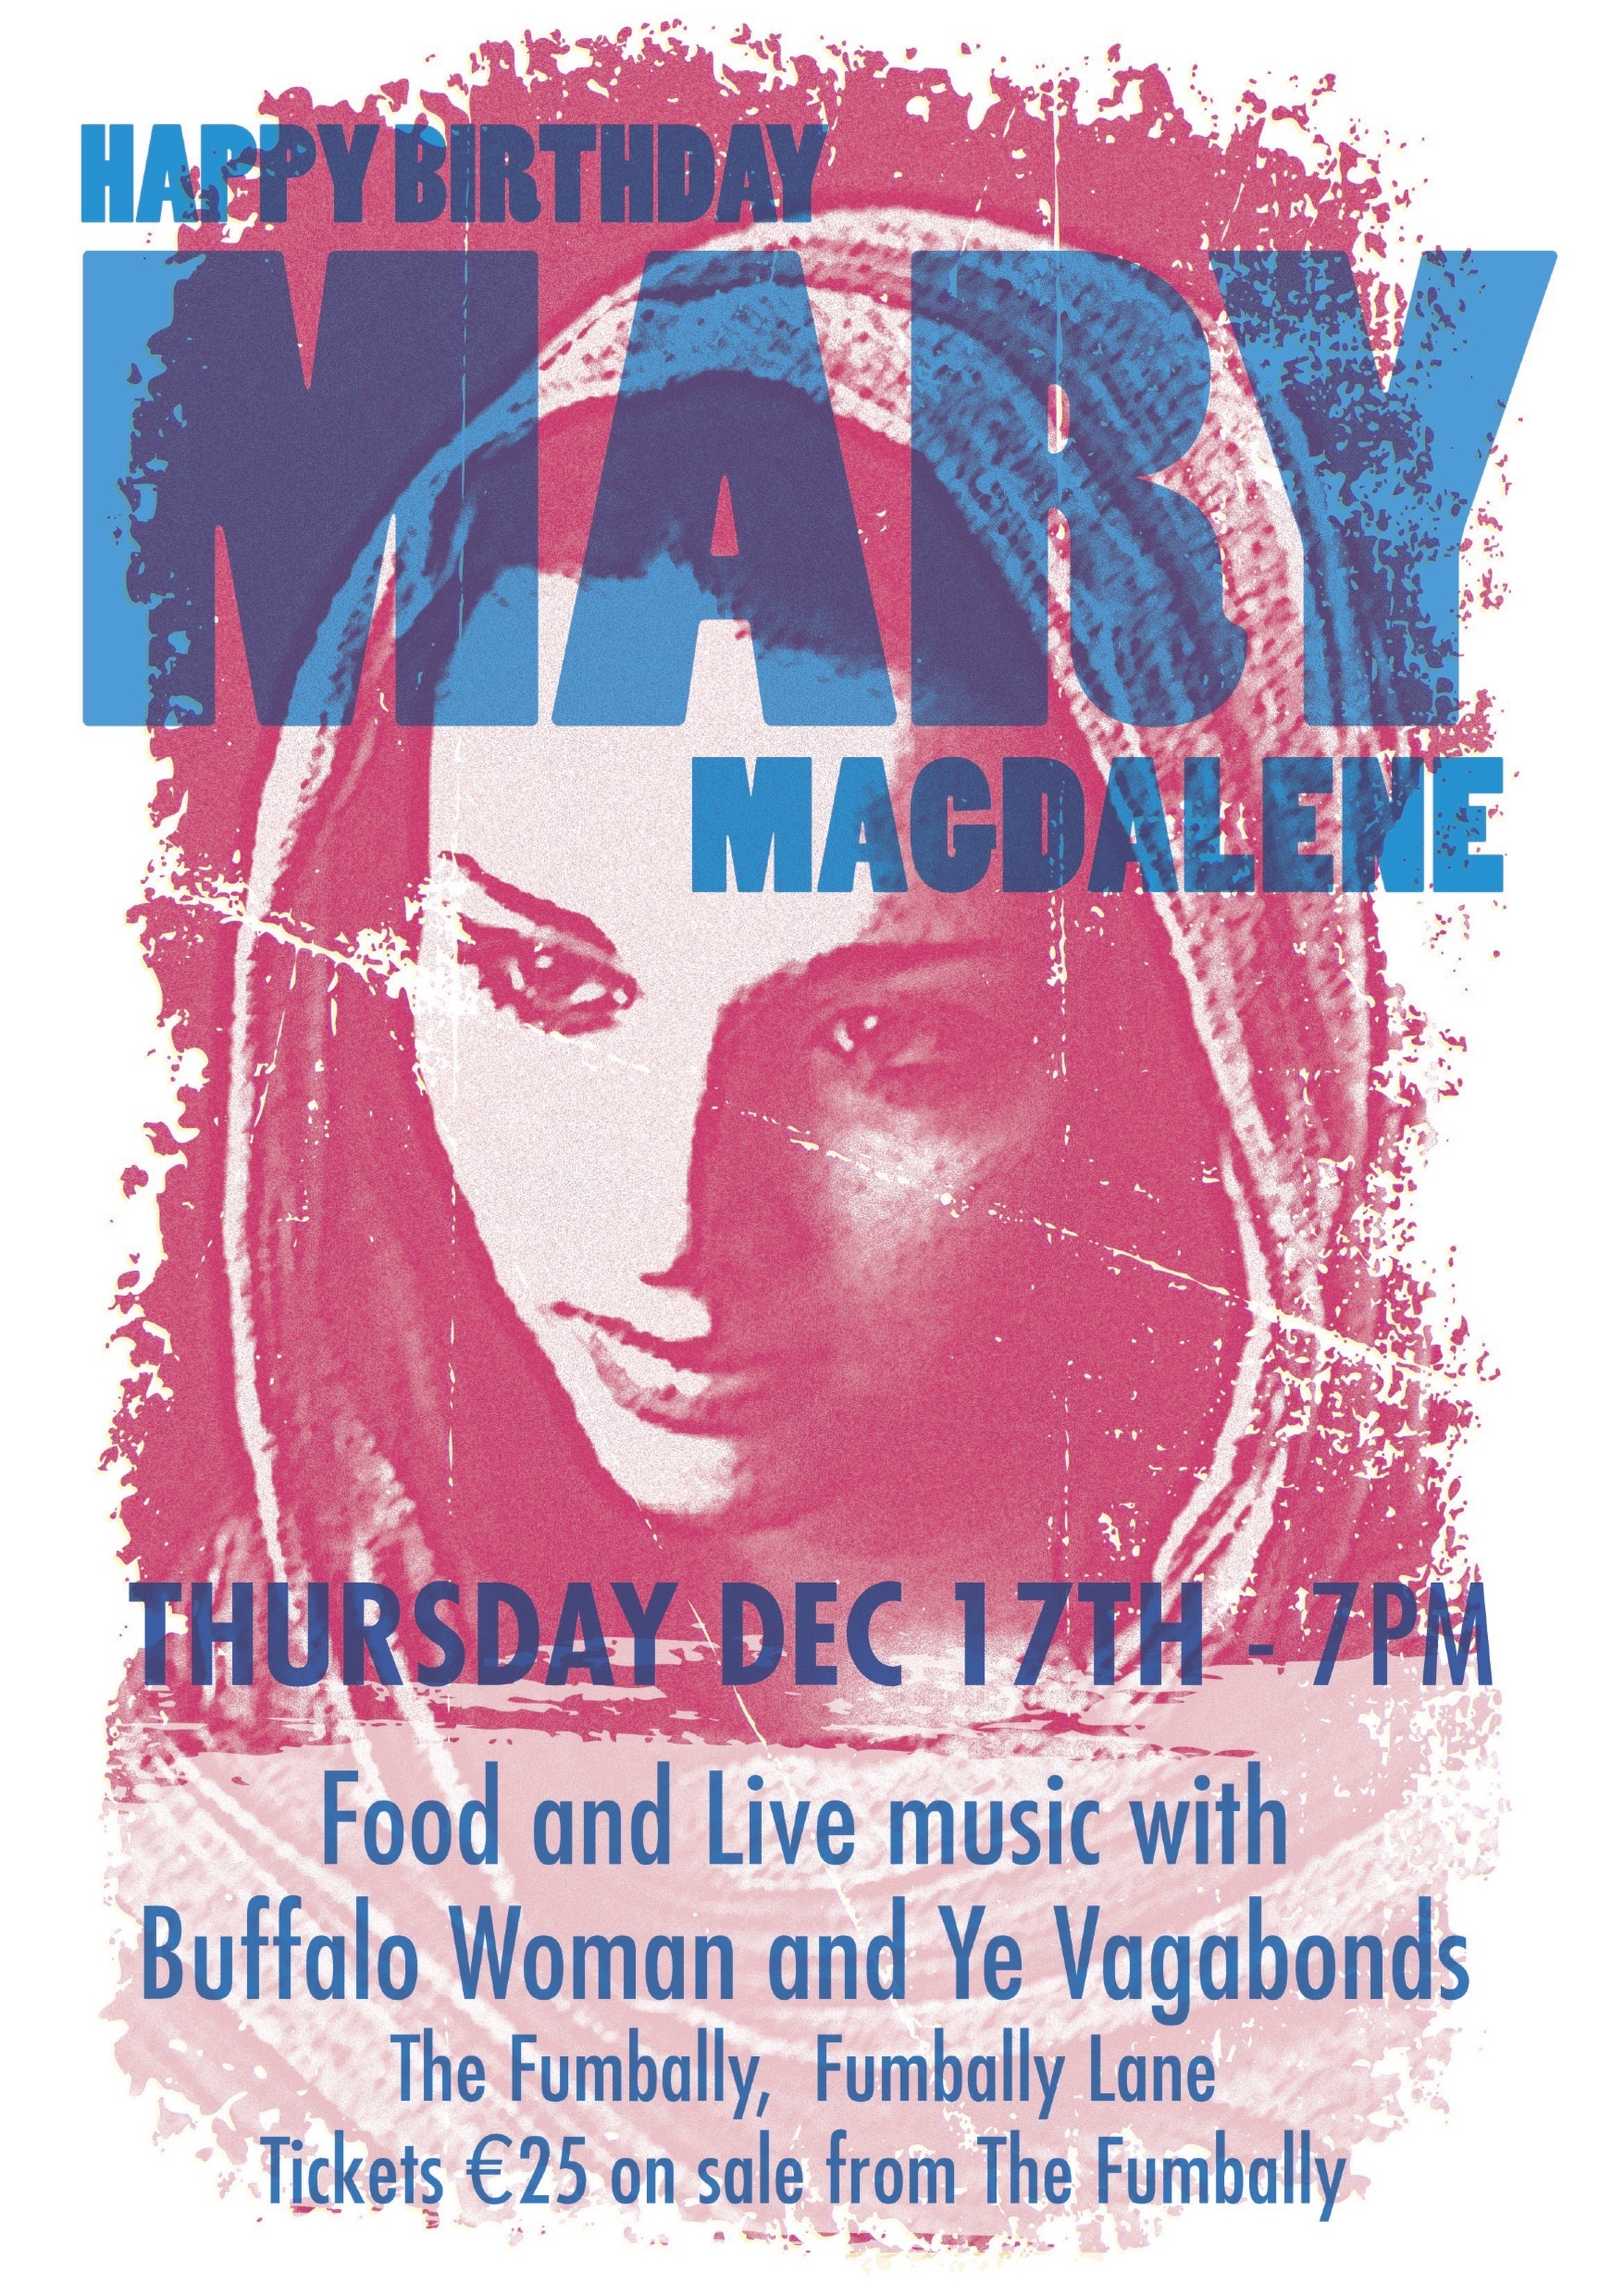 Happy Birthday Mary Magdalene Thurs Dec 17th 2015 The Fumbally